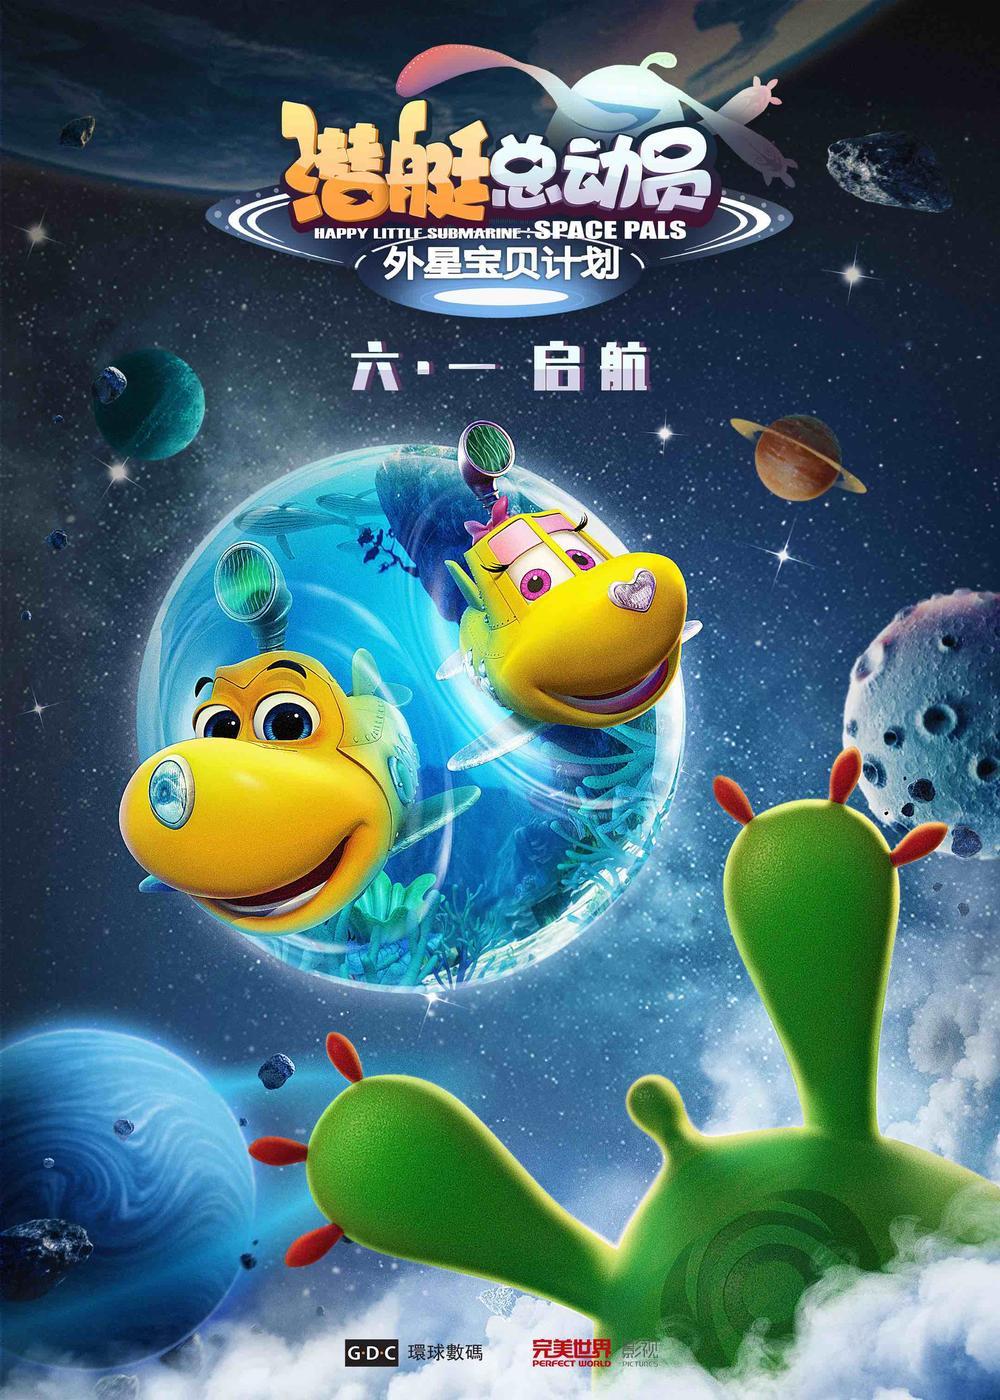 《潜艇总动员:外星宝贝计划》定档6.1 增加外星元素